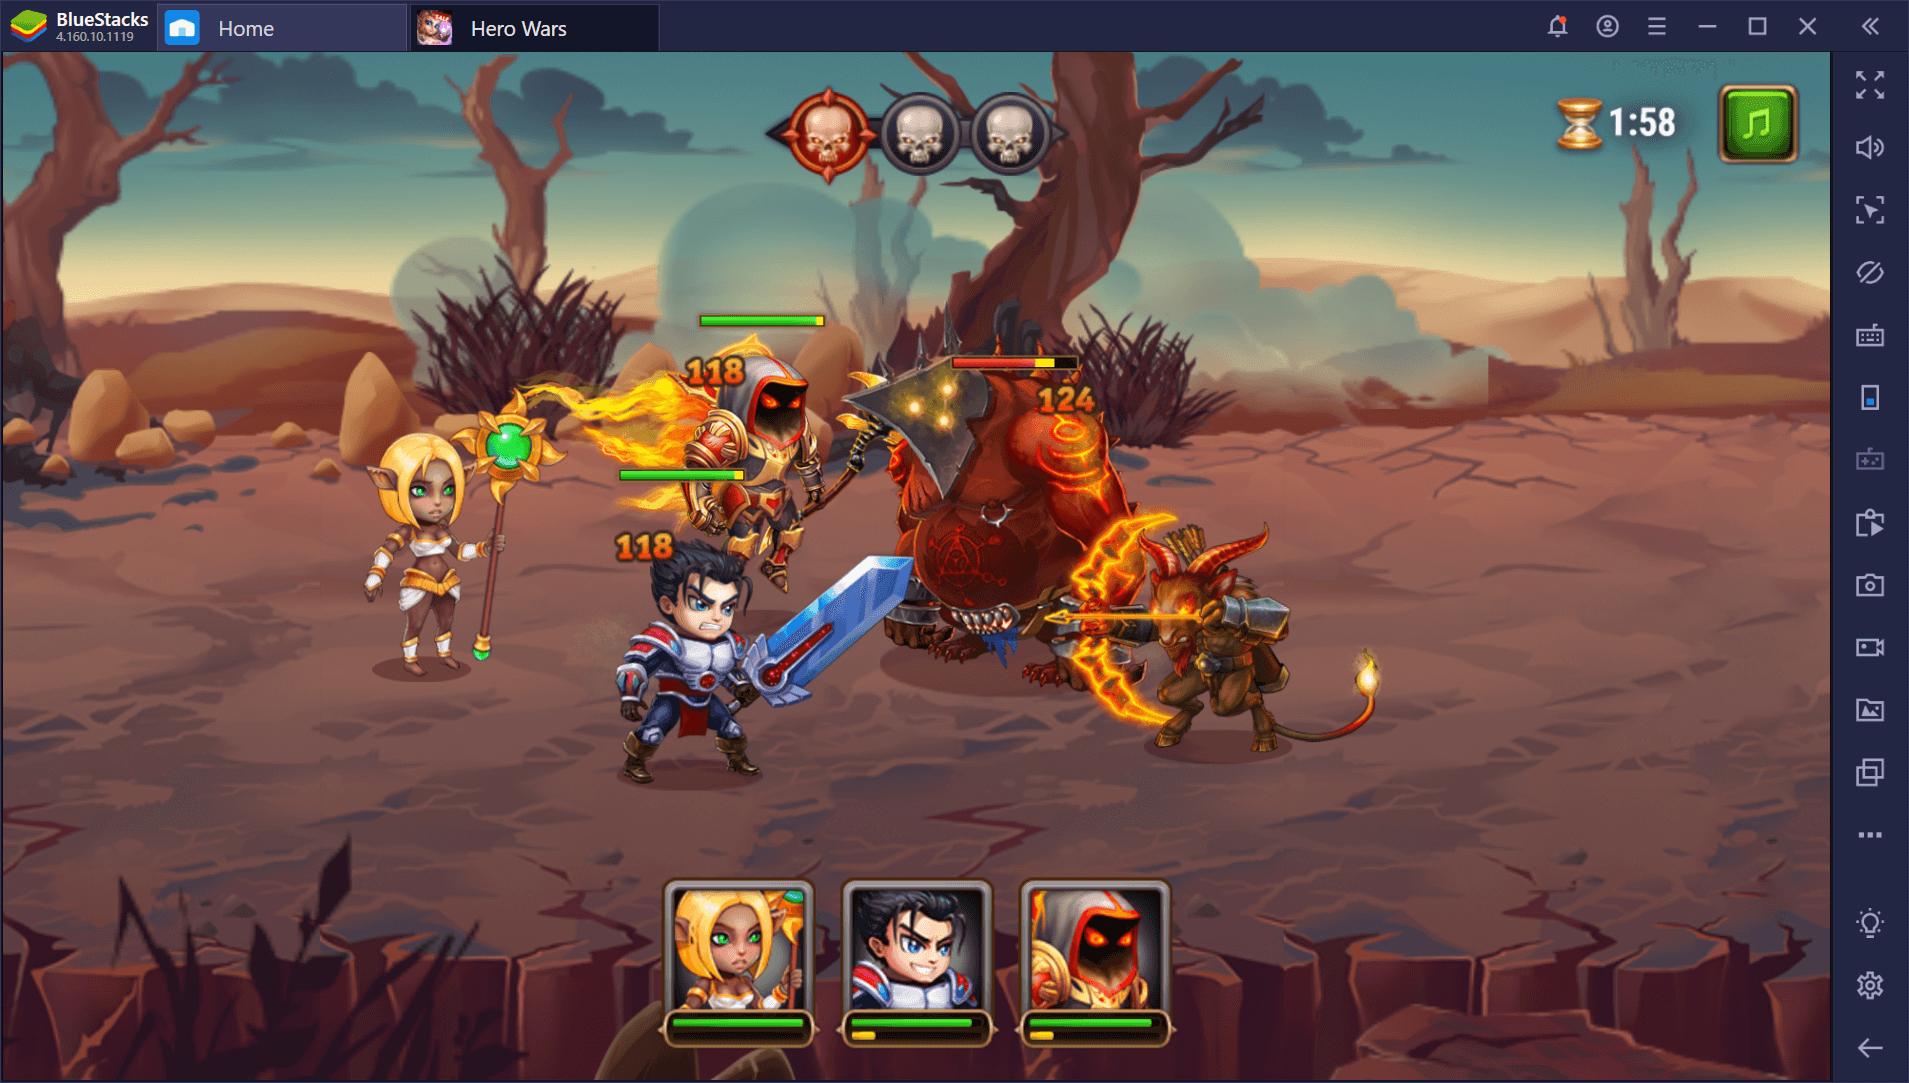 Beste Charaktere und Teamaufbau-Tipps für Hero Wars auf dem PC